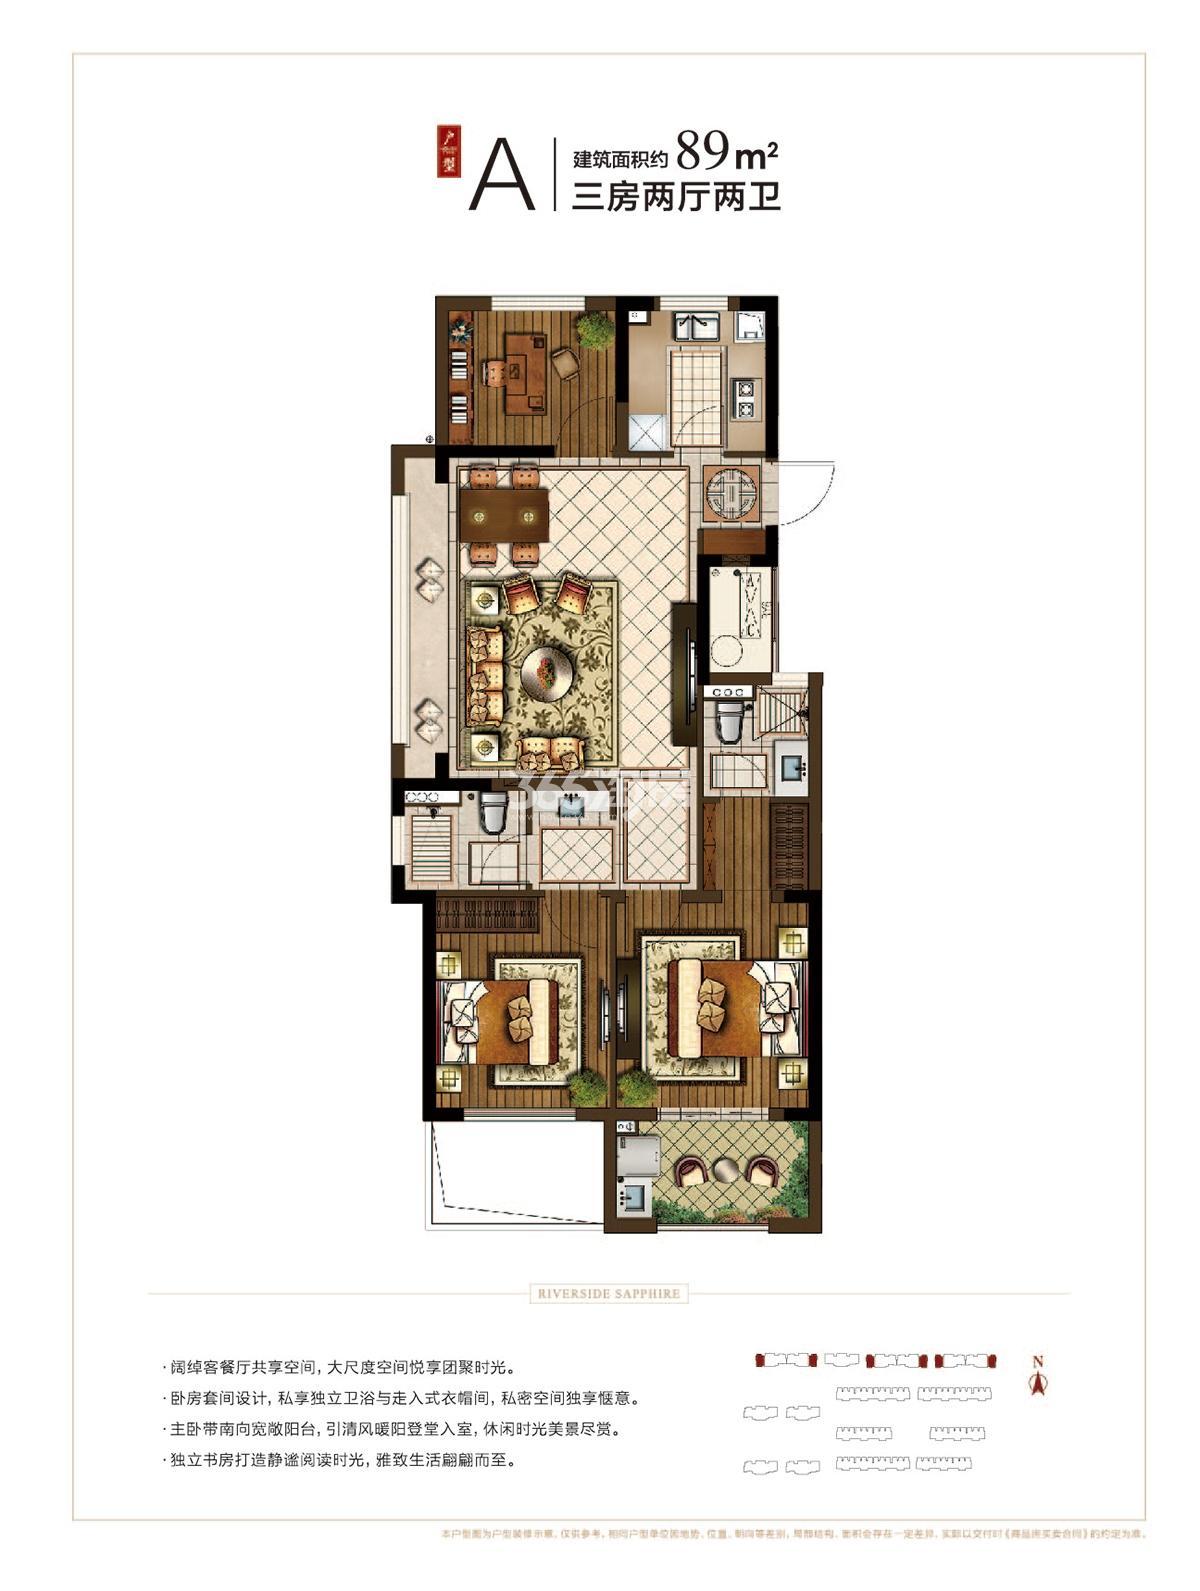 禹洲滨之江高层A户型89方三房两厅两卫